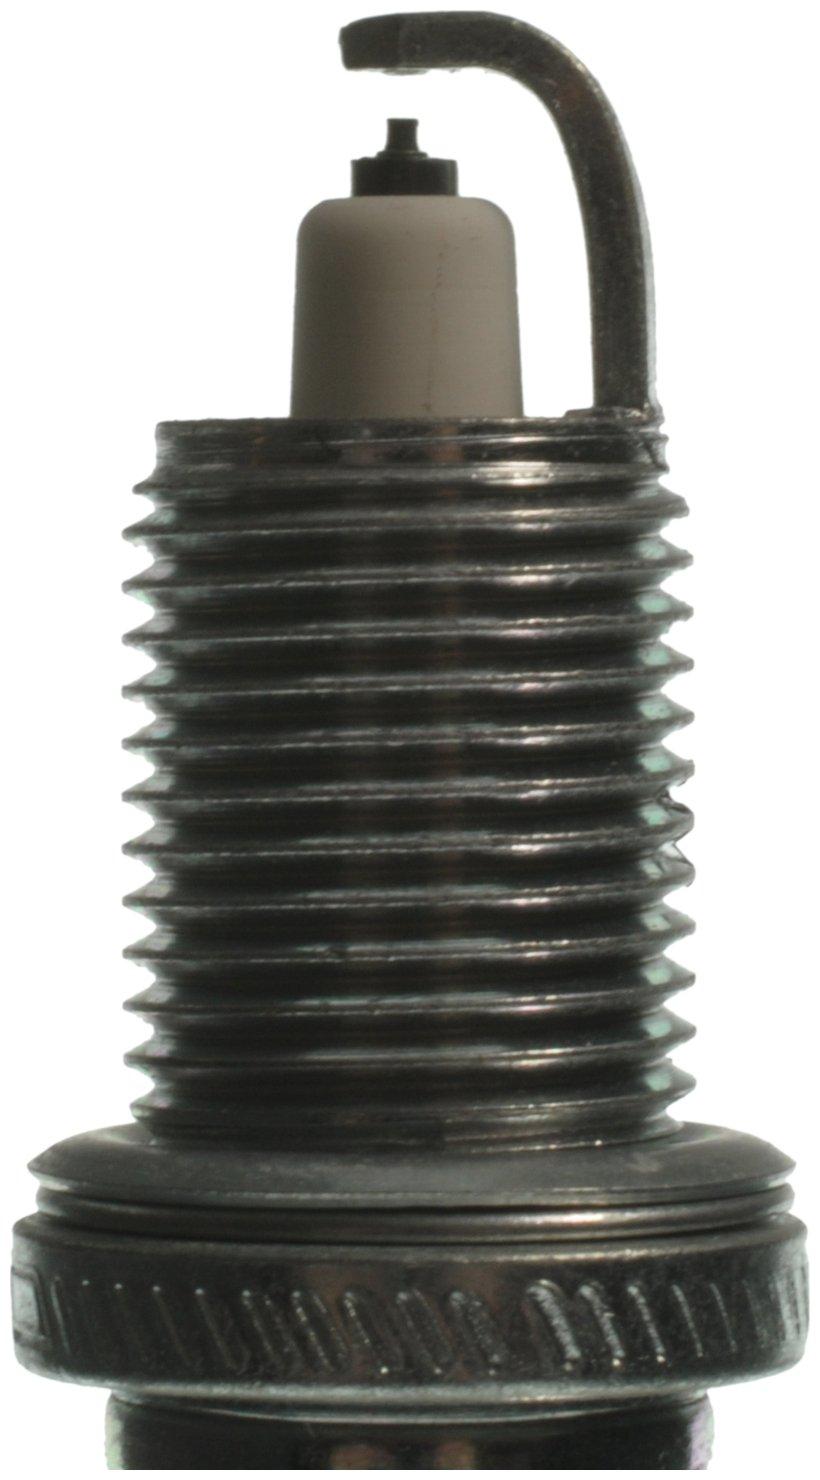 9203 Champion RC12WLPB4 Pack of 1 Iridium Spark Plug